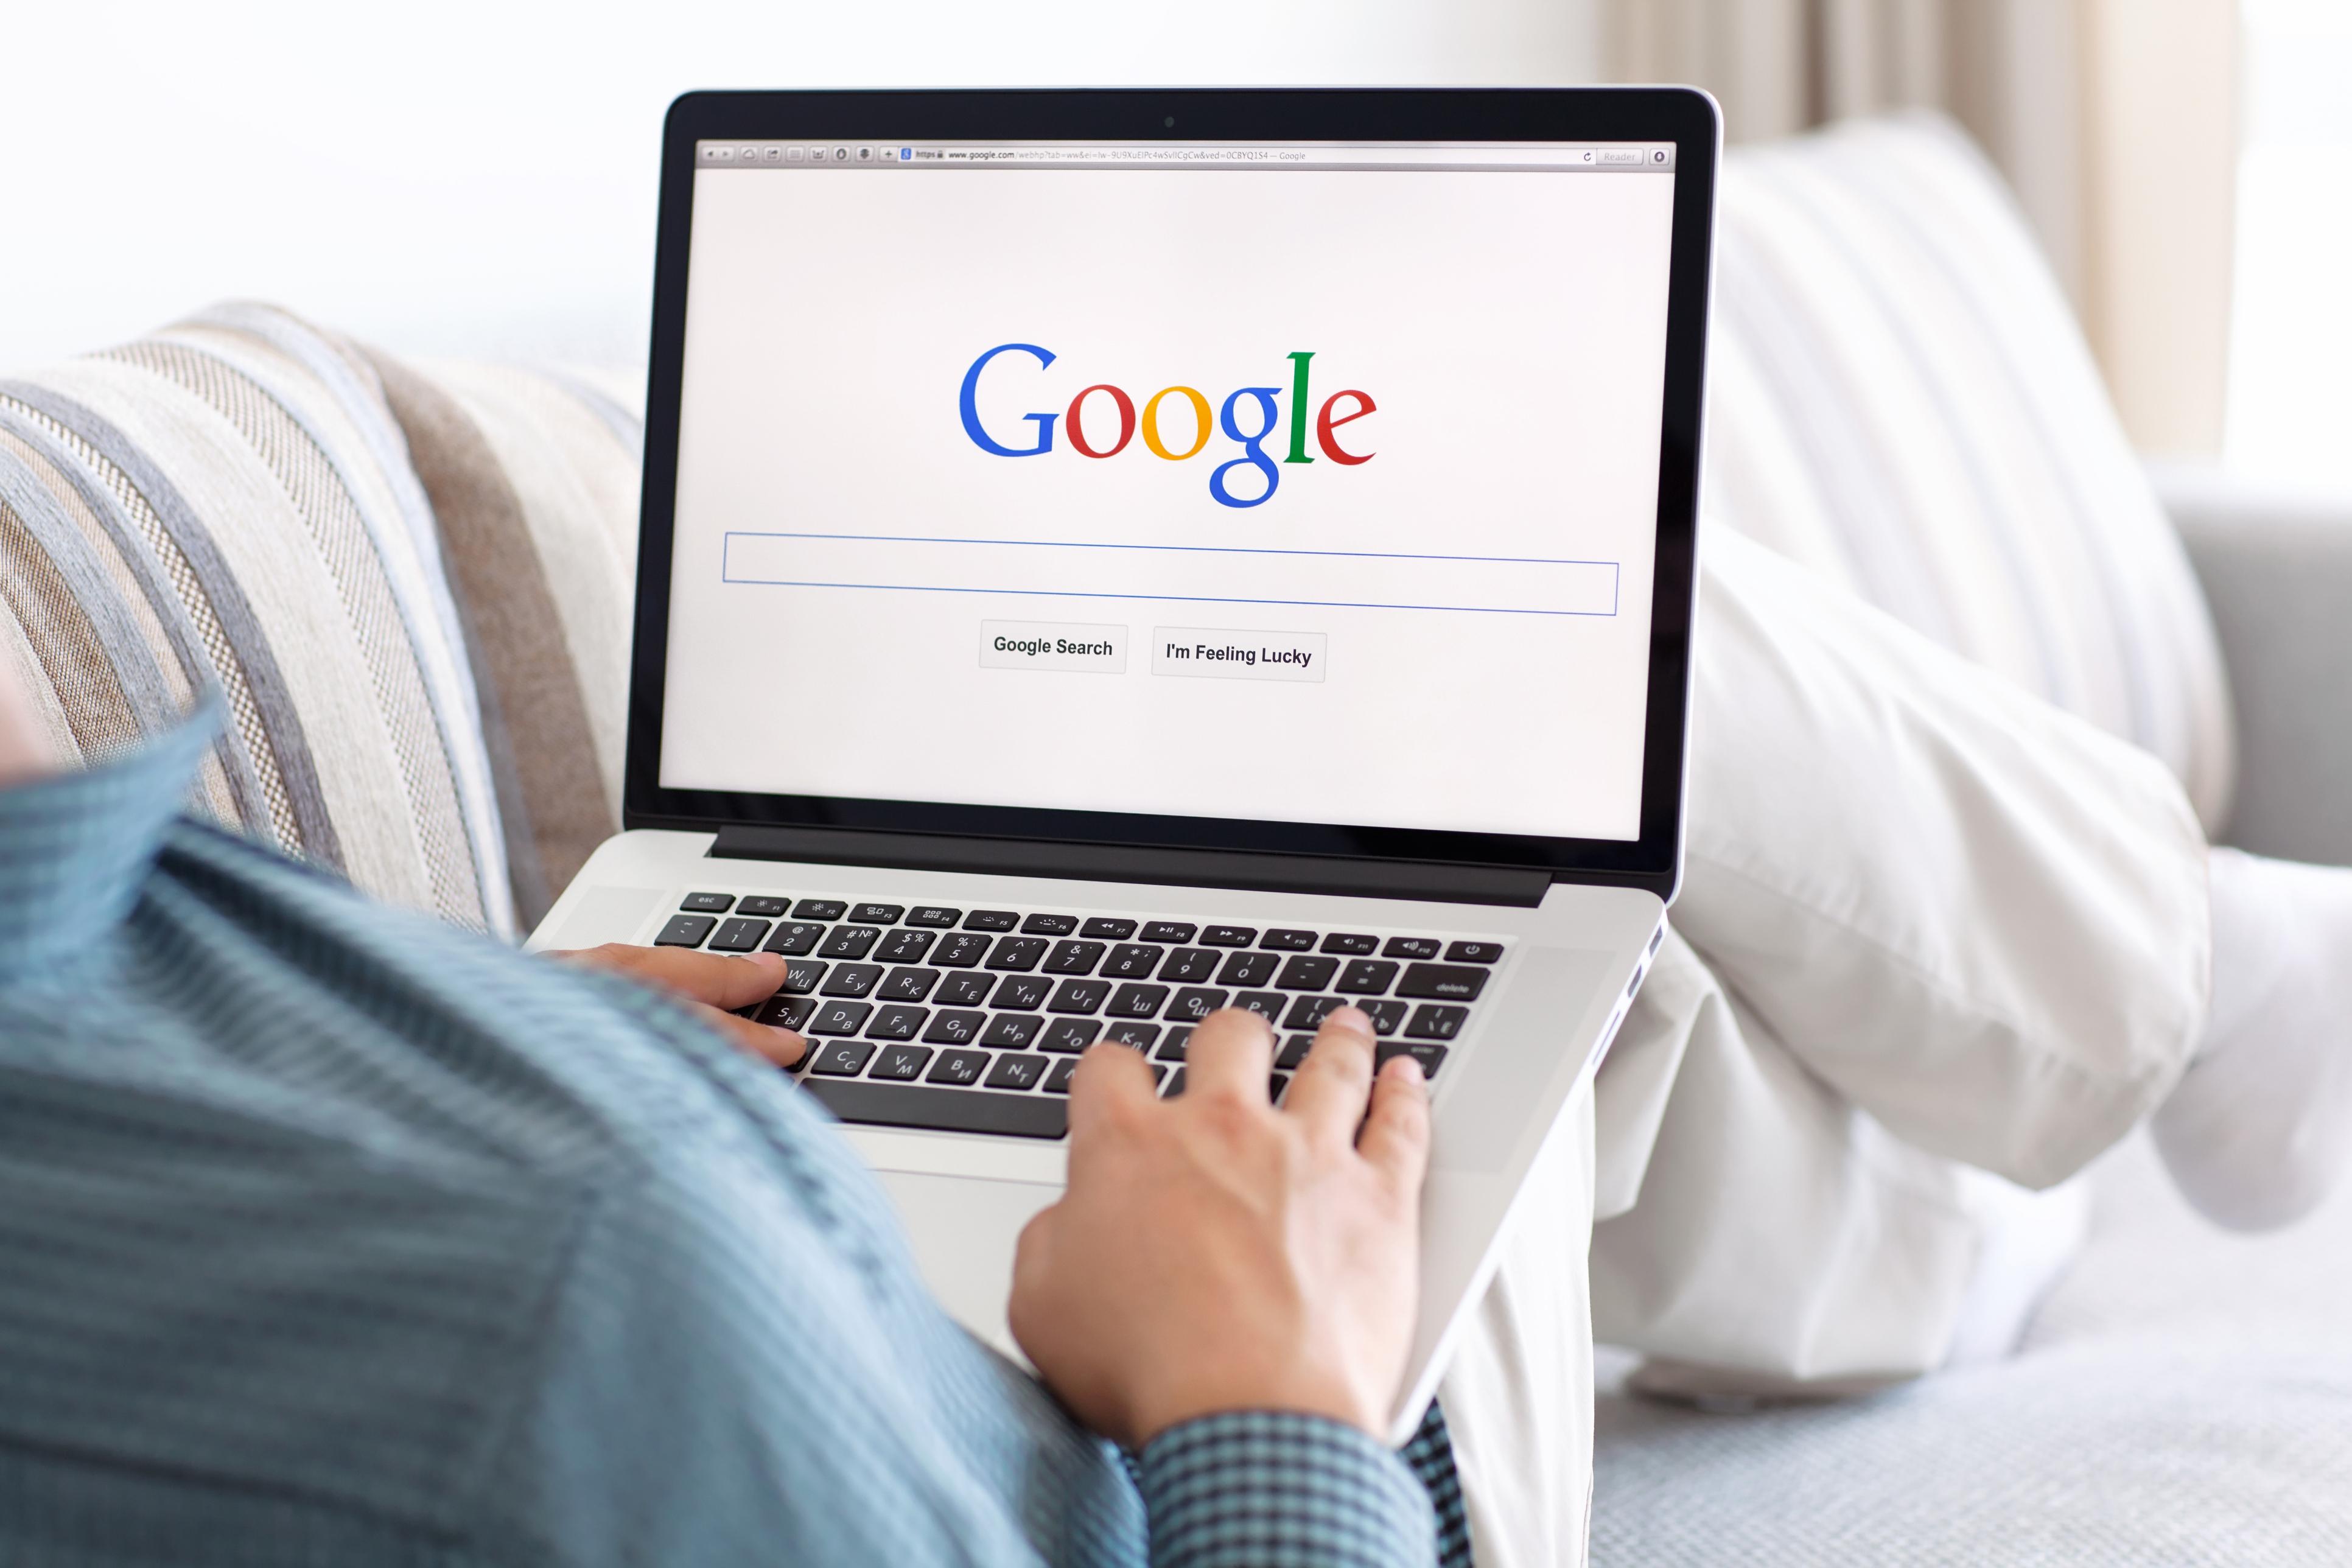 谷歌在美投资70亿美元 创造就业机会